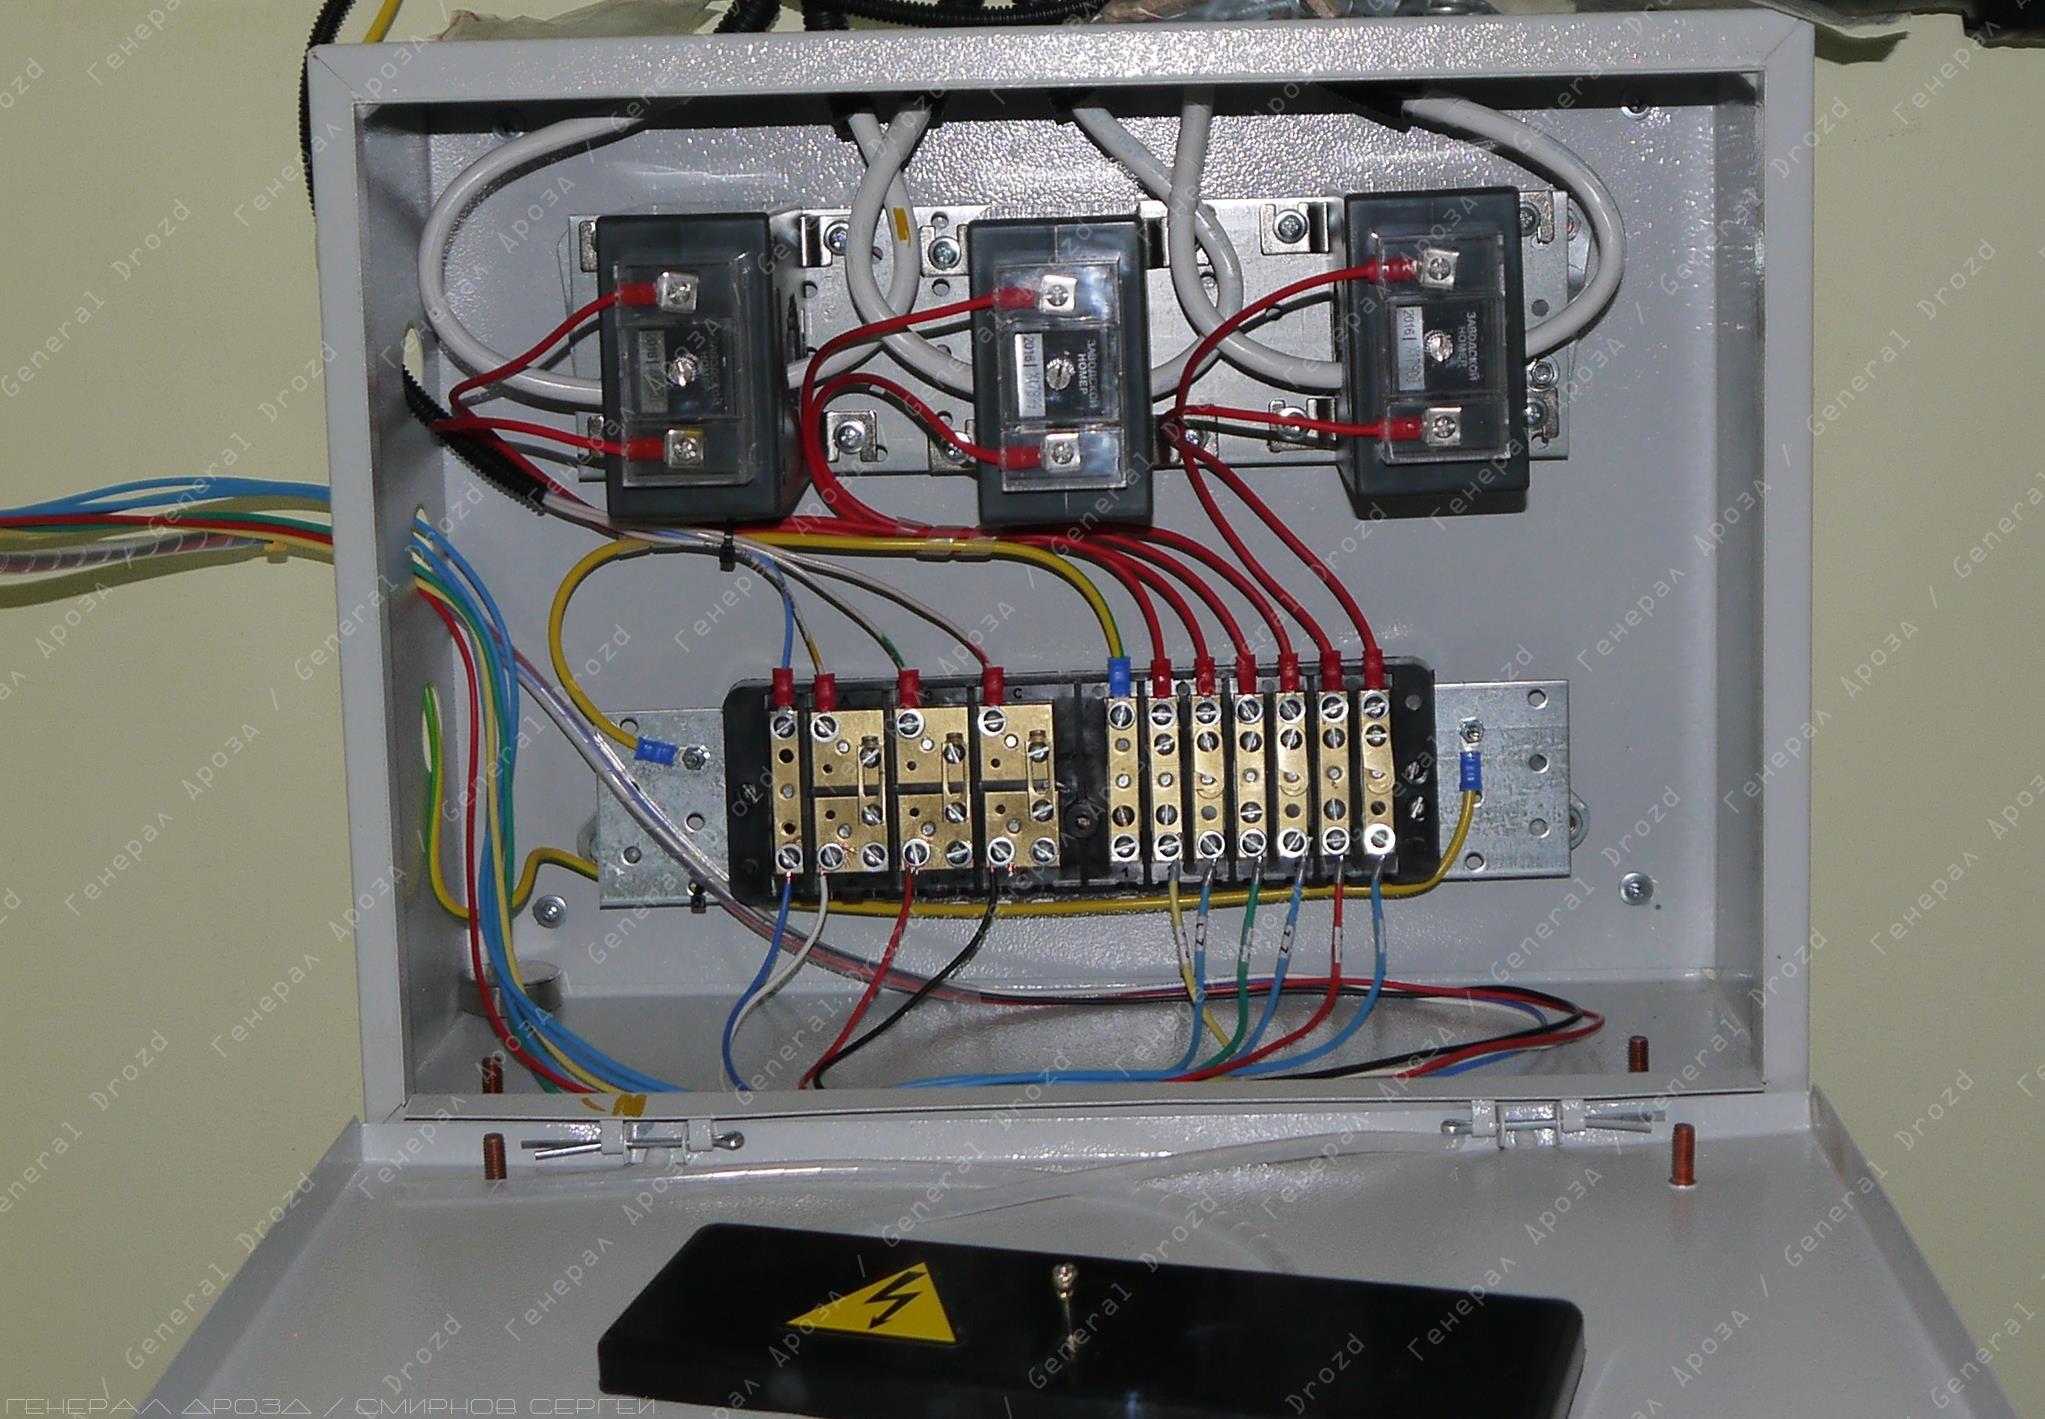 блок разрядника газовой плиты гефест схема